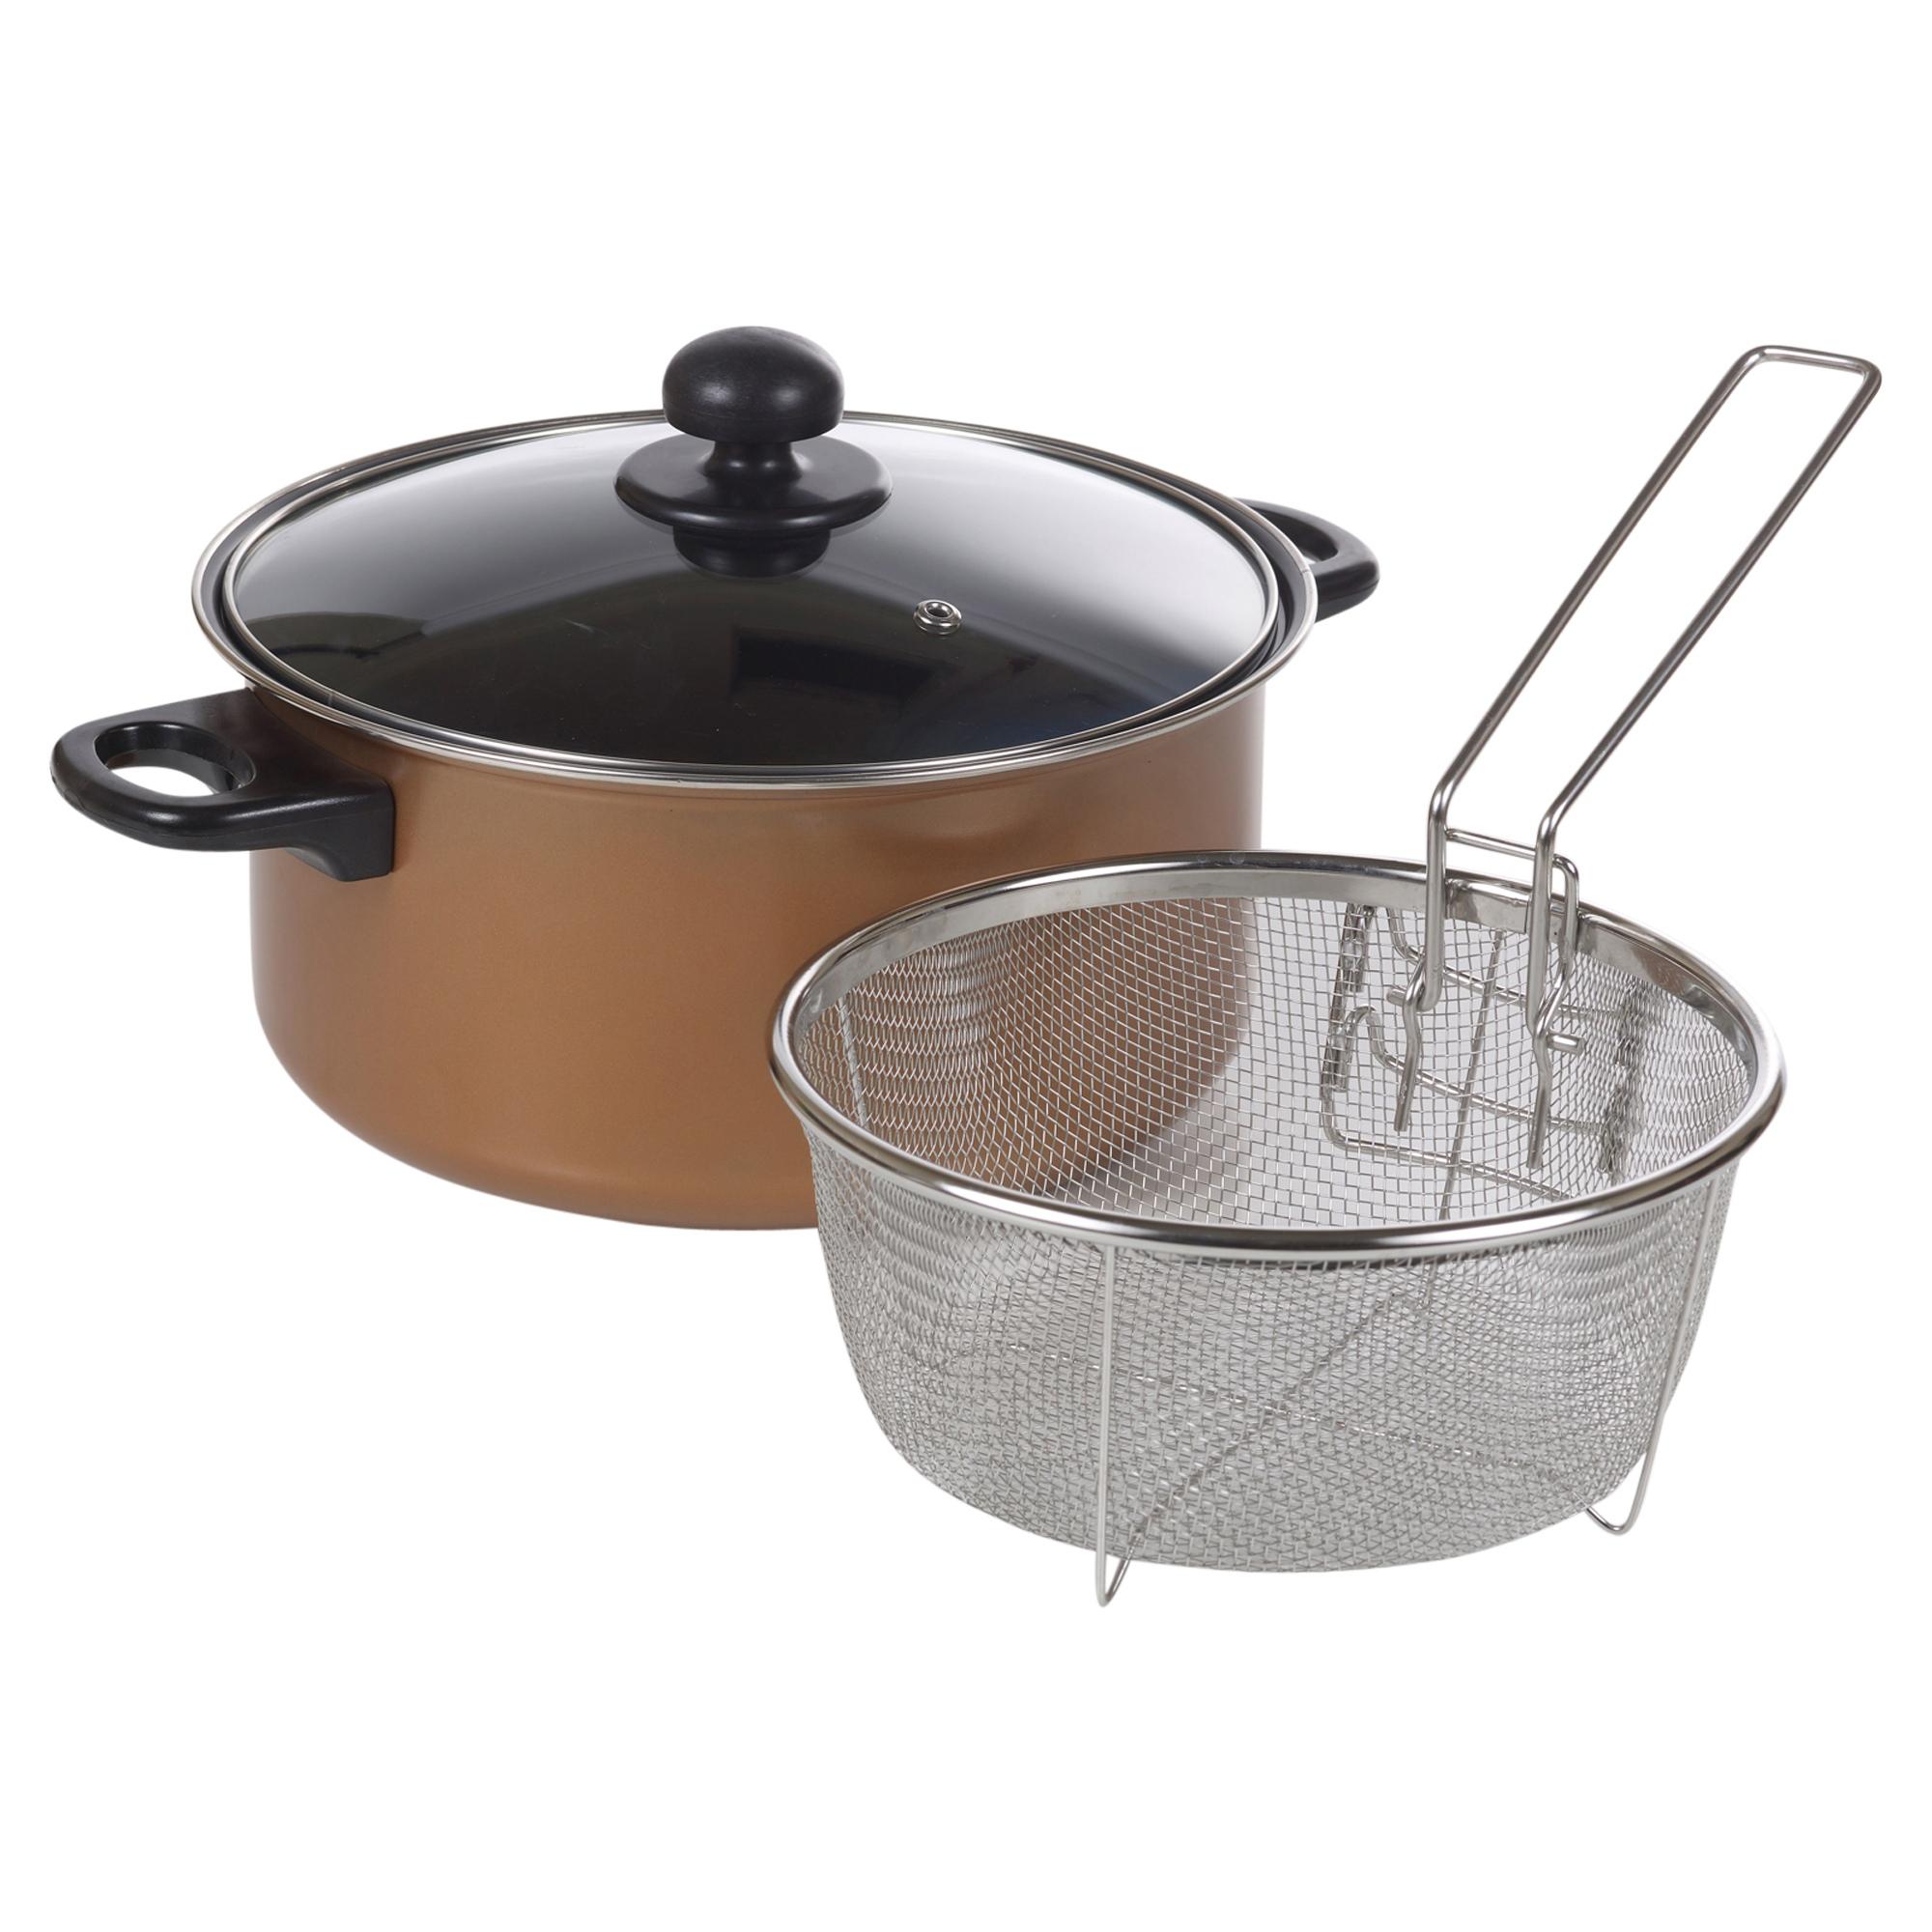 Stove Top Chip Pan Deep Fat Fryer Set Copper Look Frying